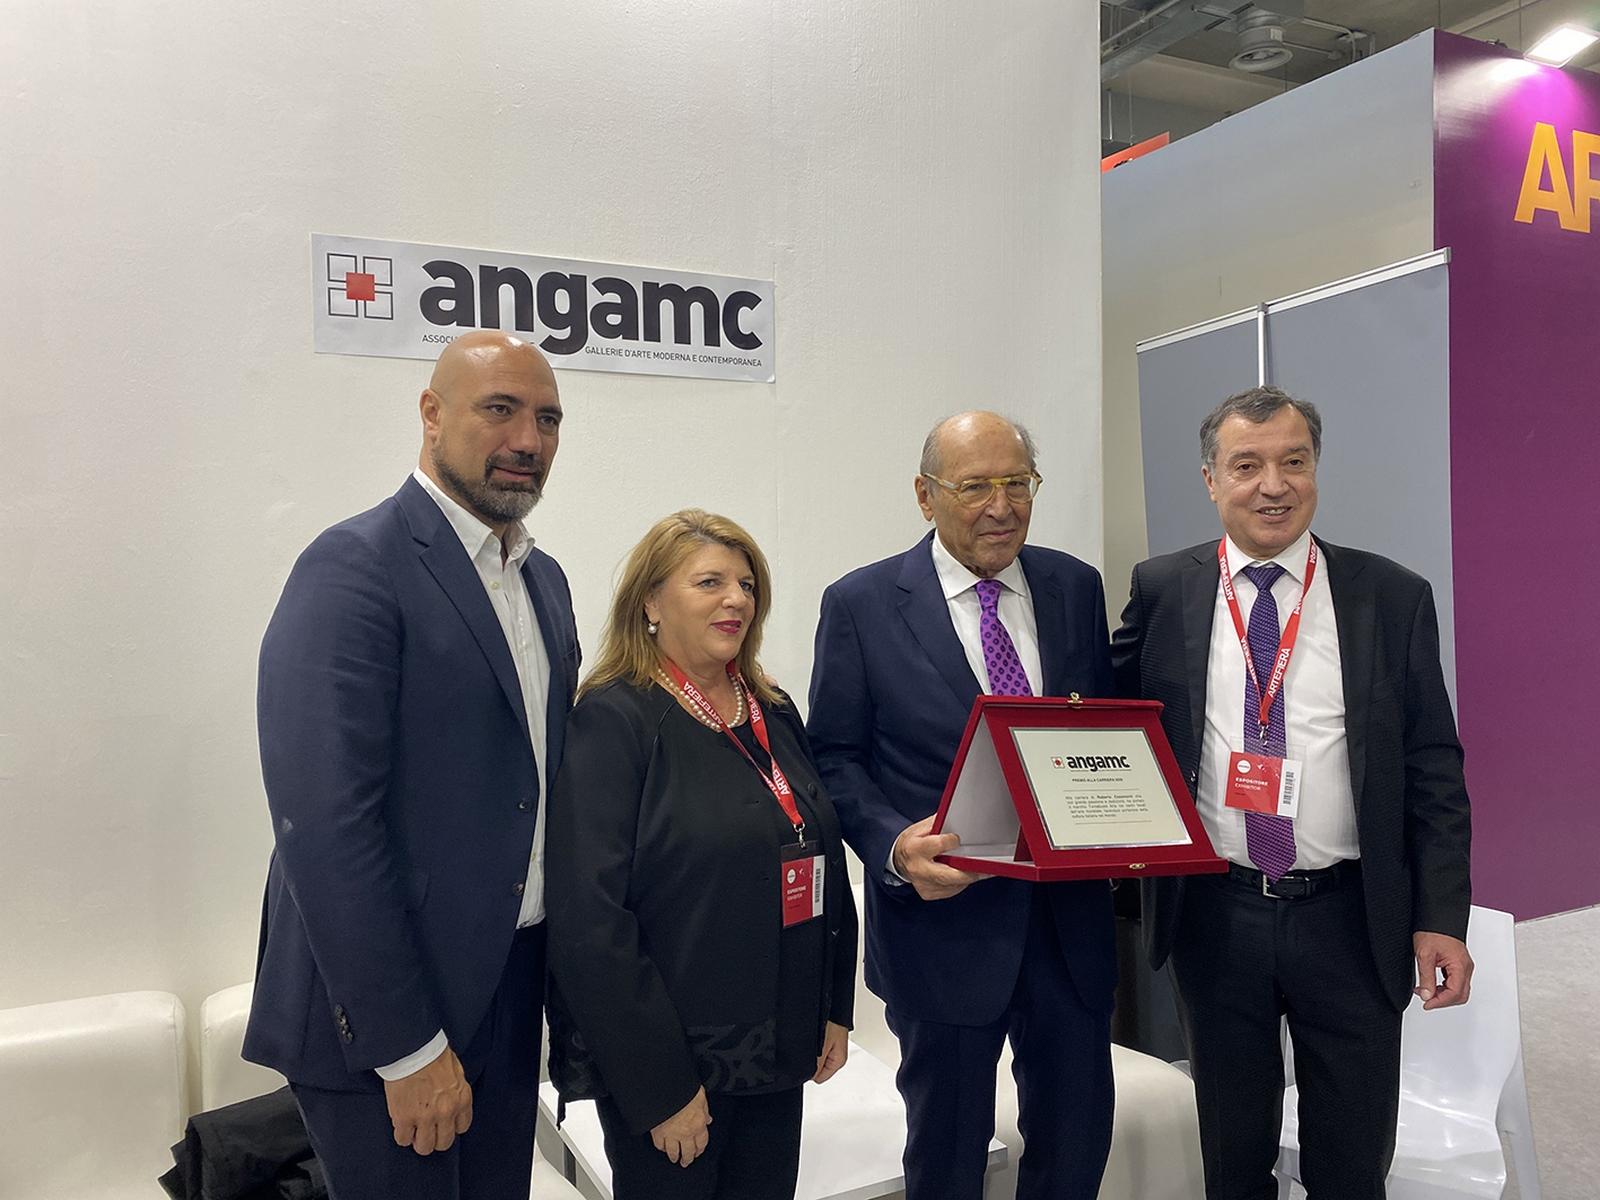 Premio ANGAMC 2020   Giovanni Bonelli, Paola Verrengia, Roberto Casamonti, Mauro Stefanini